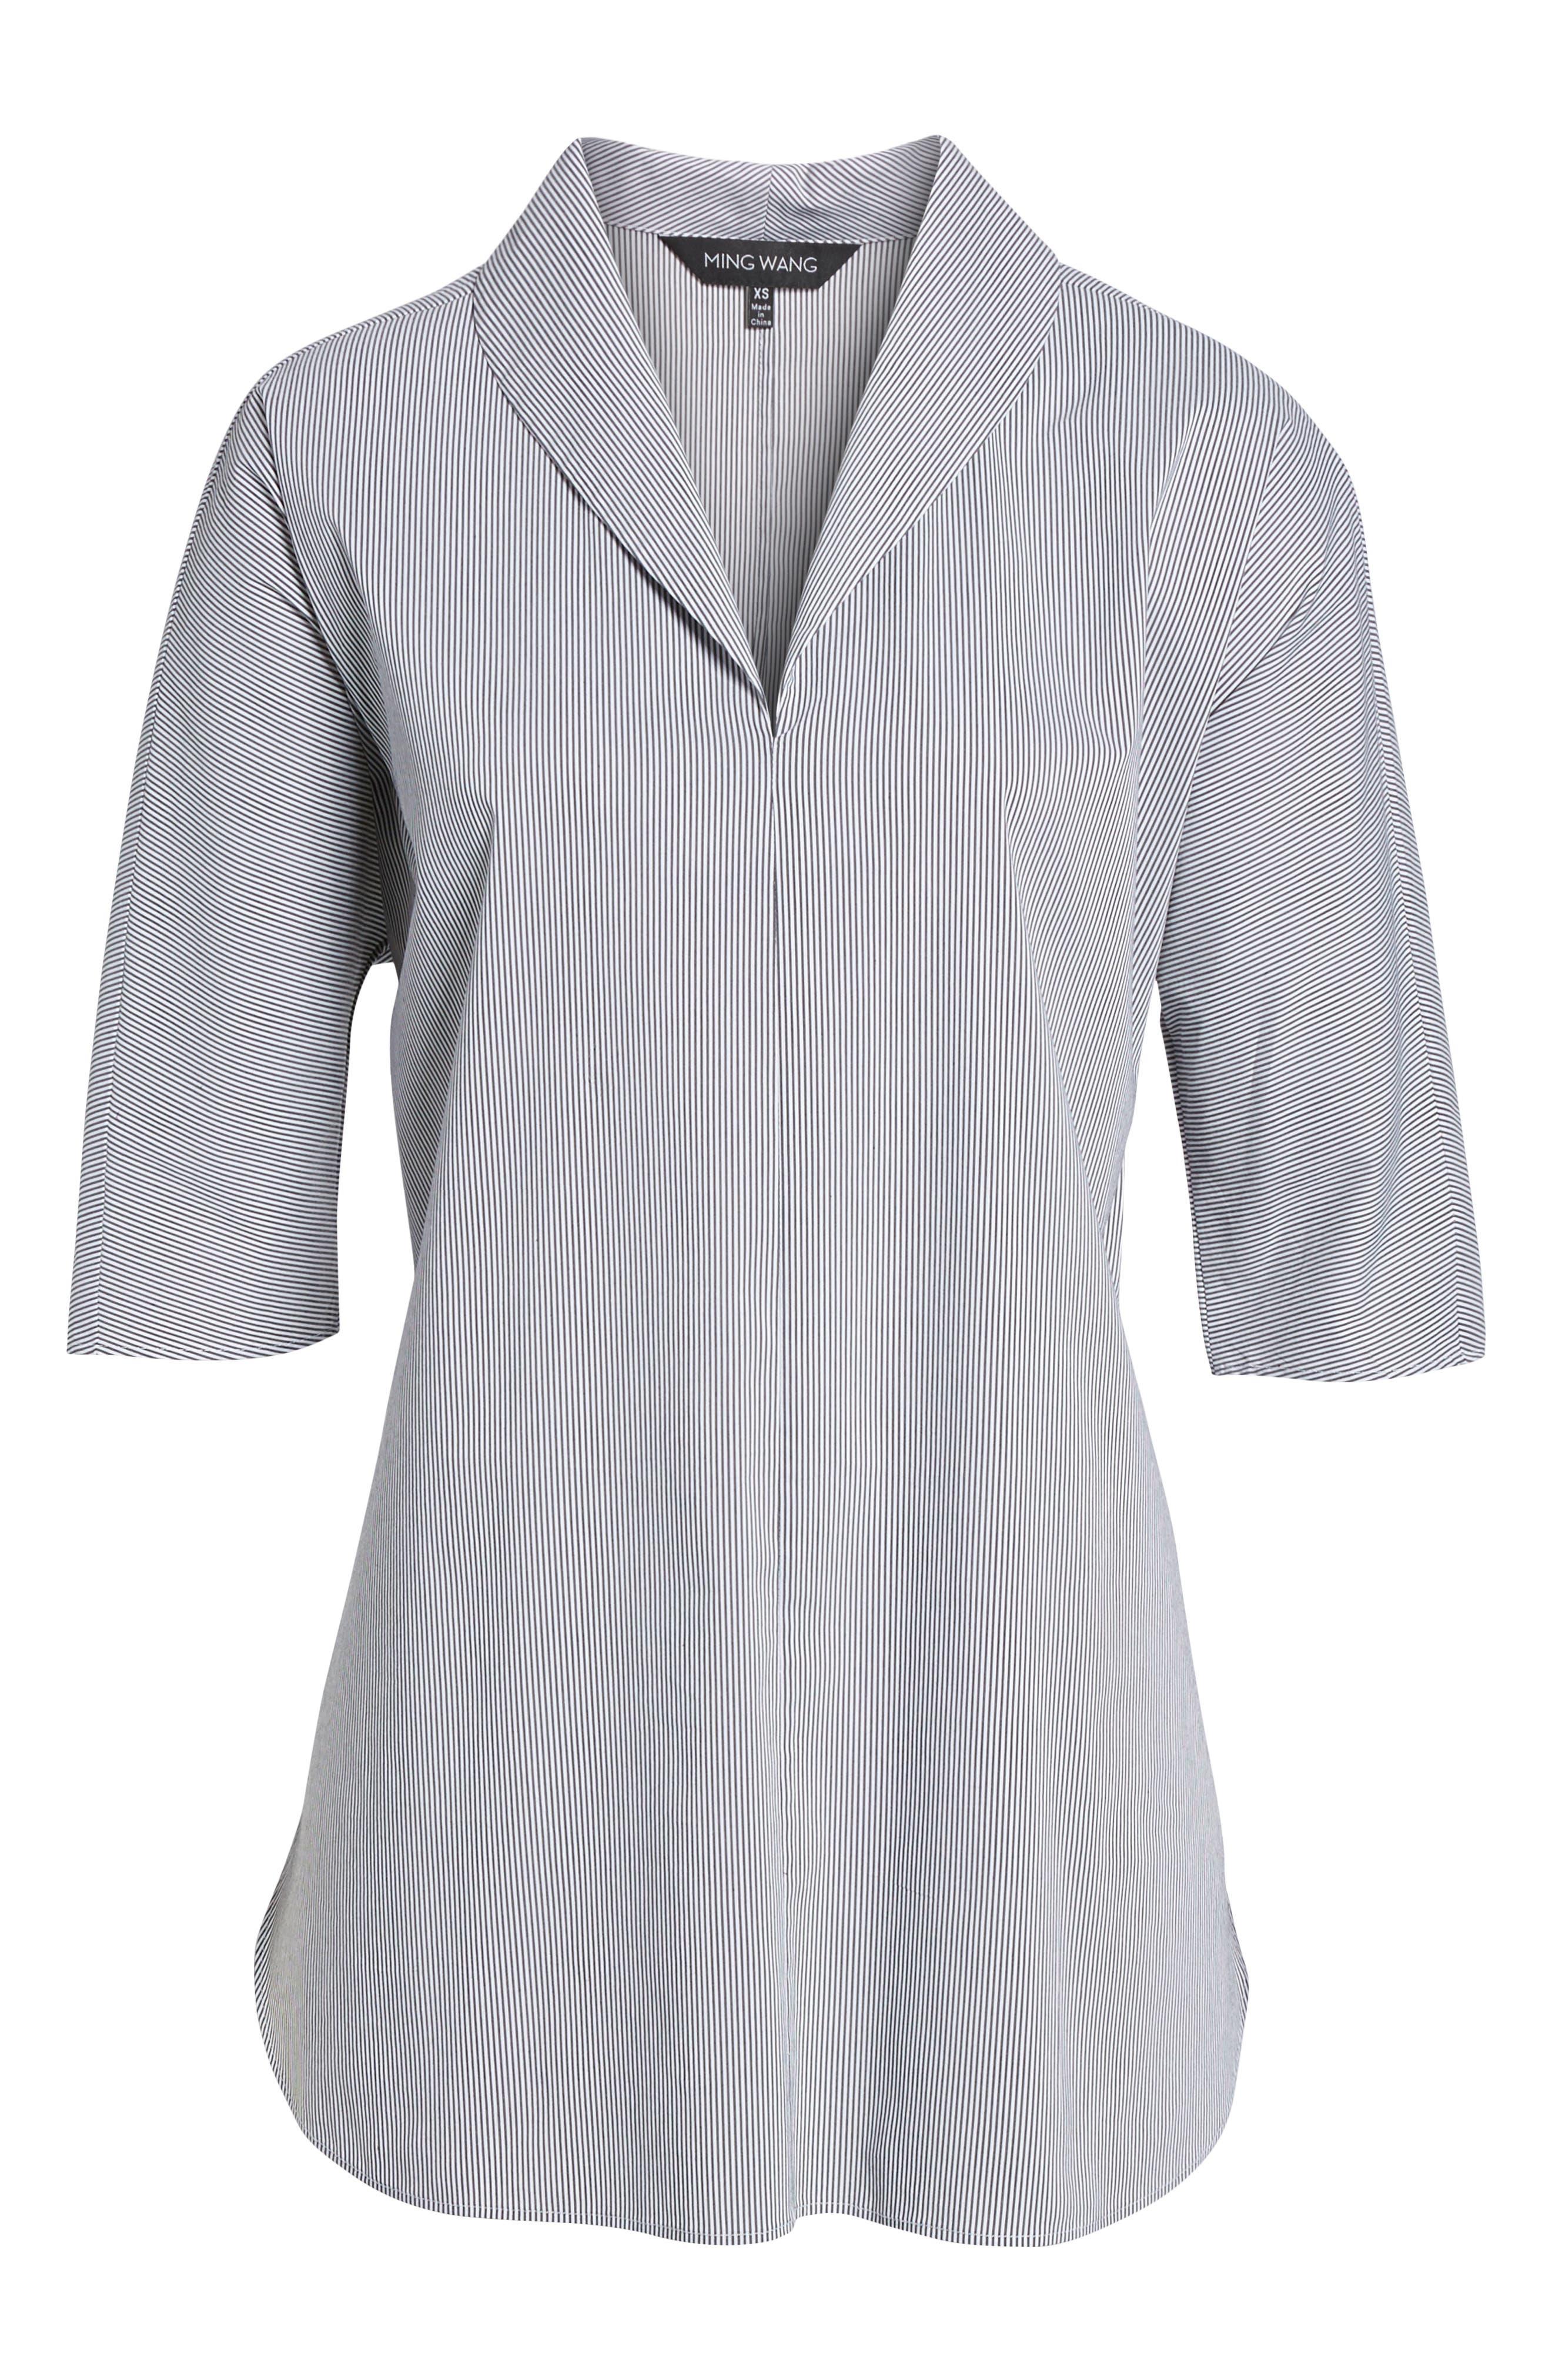 Stripe Tunic Shirt,                             Alternate thumbnail 6, color,                             Black/ White